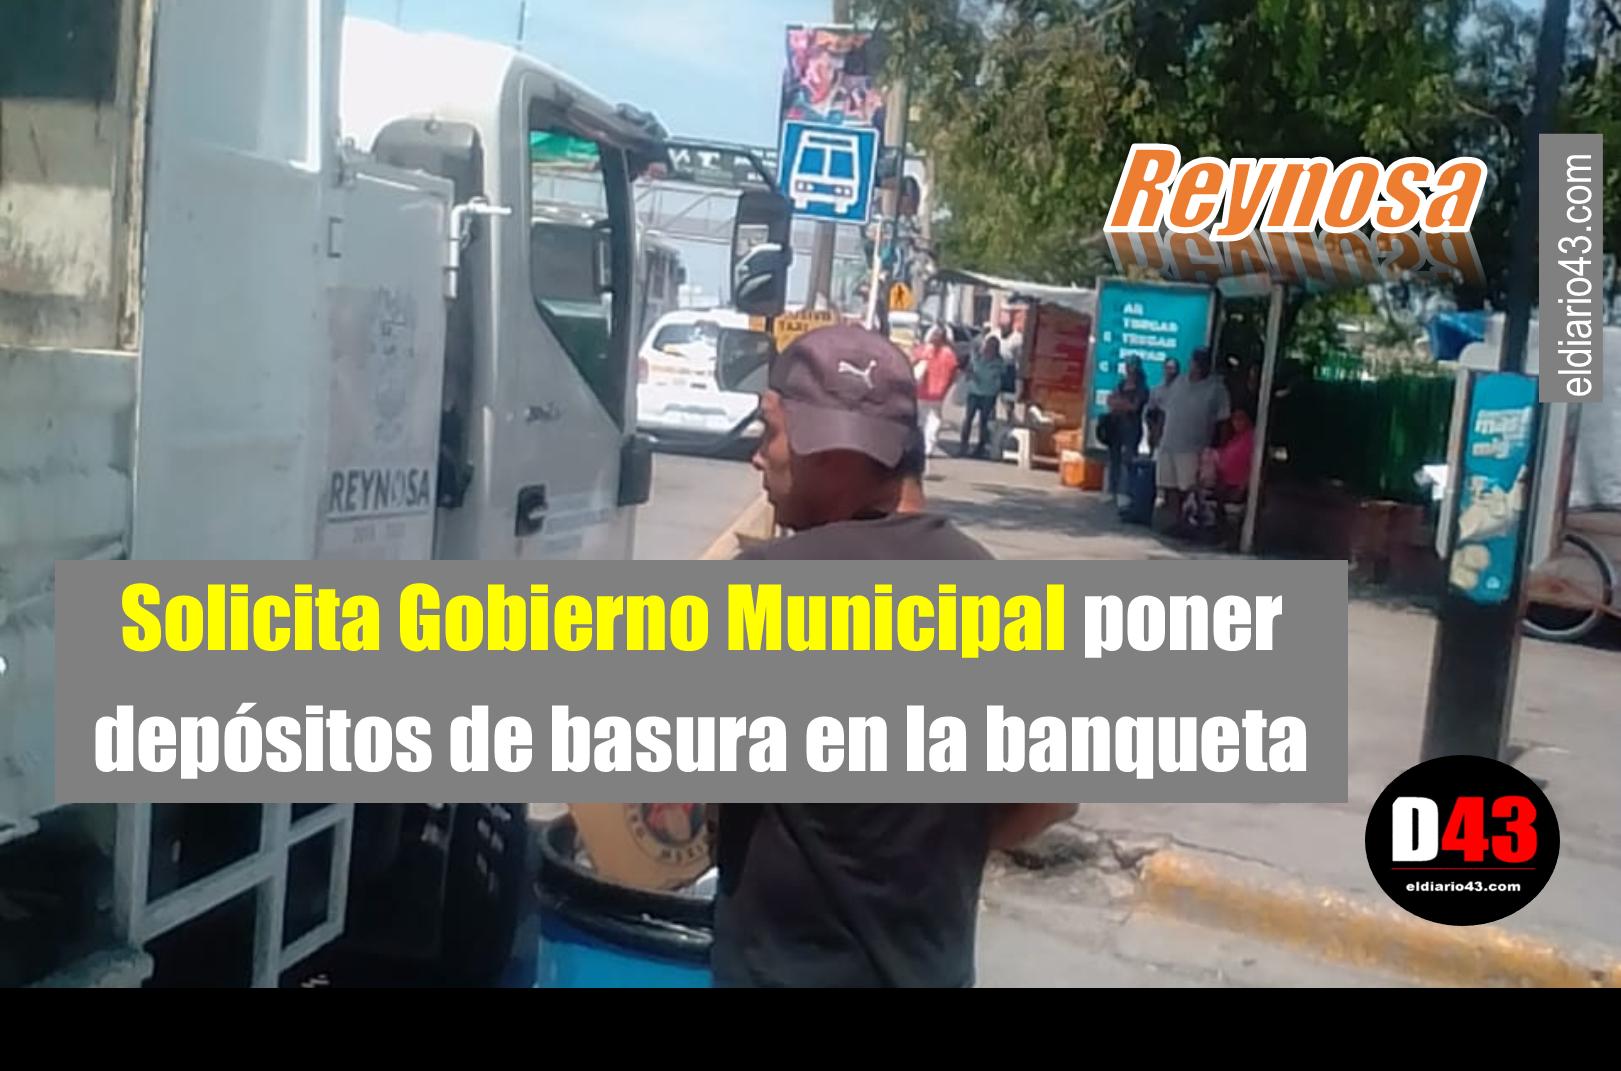 Mañana Jueves de recolección para el Sector Central: Los Doctores, Bugambilas, Sierra De la Garza, entre otras